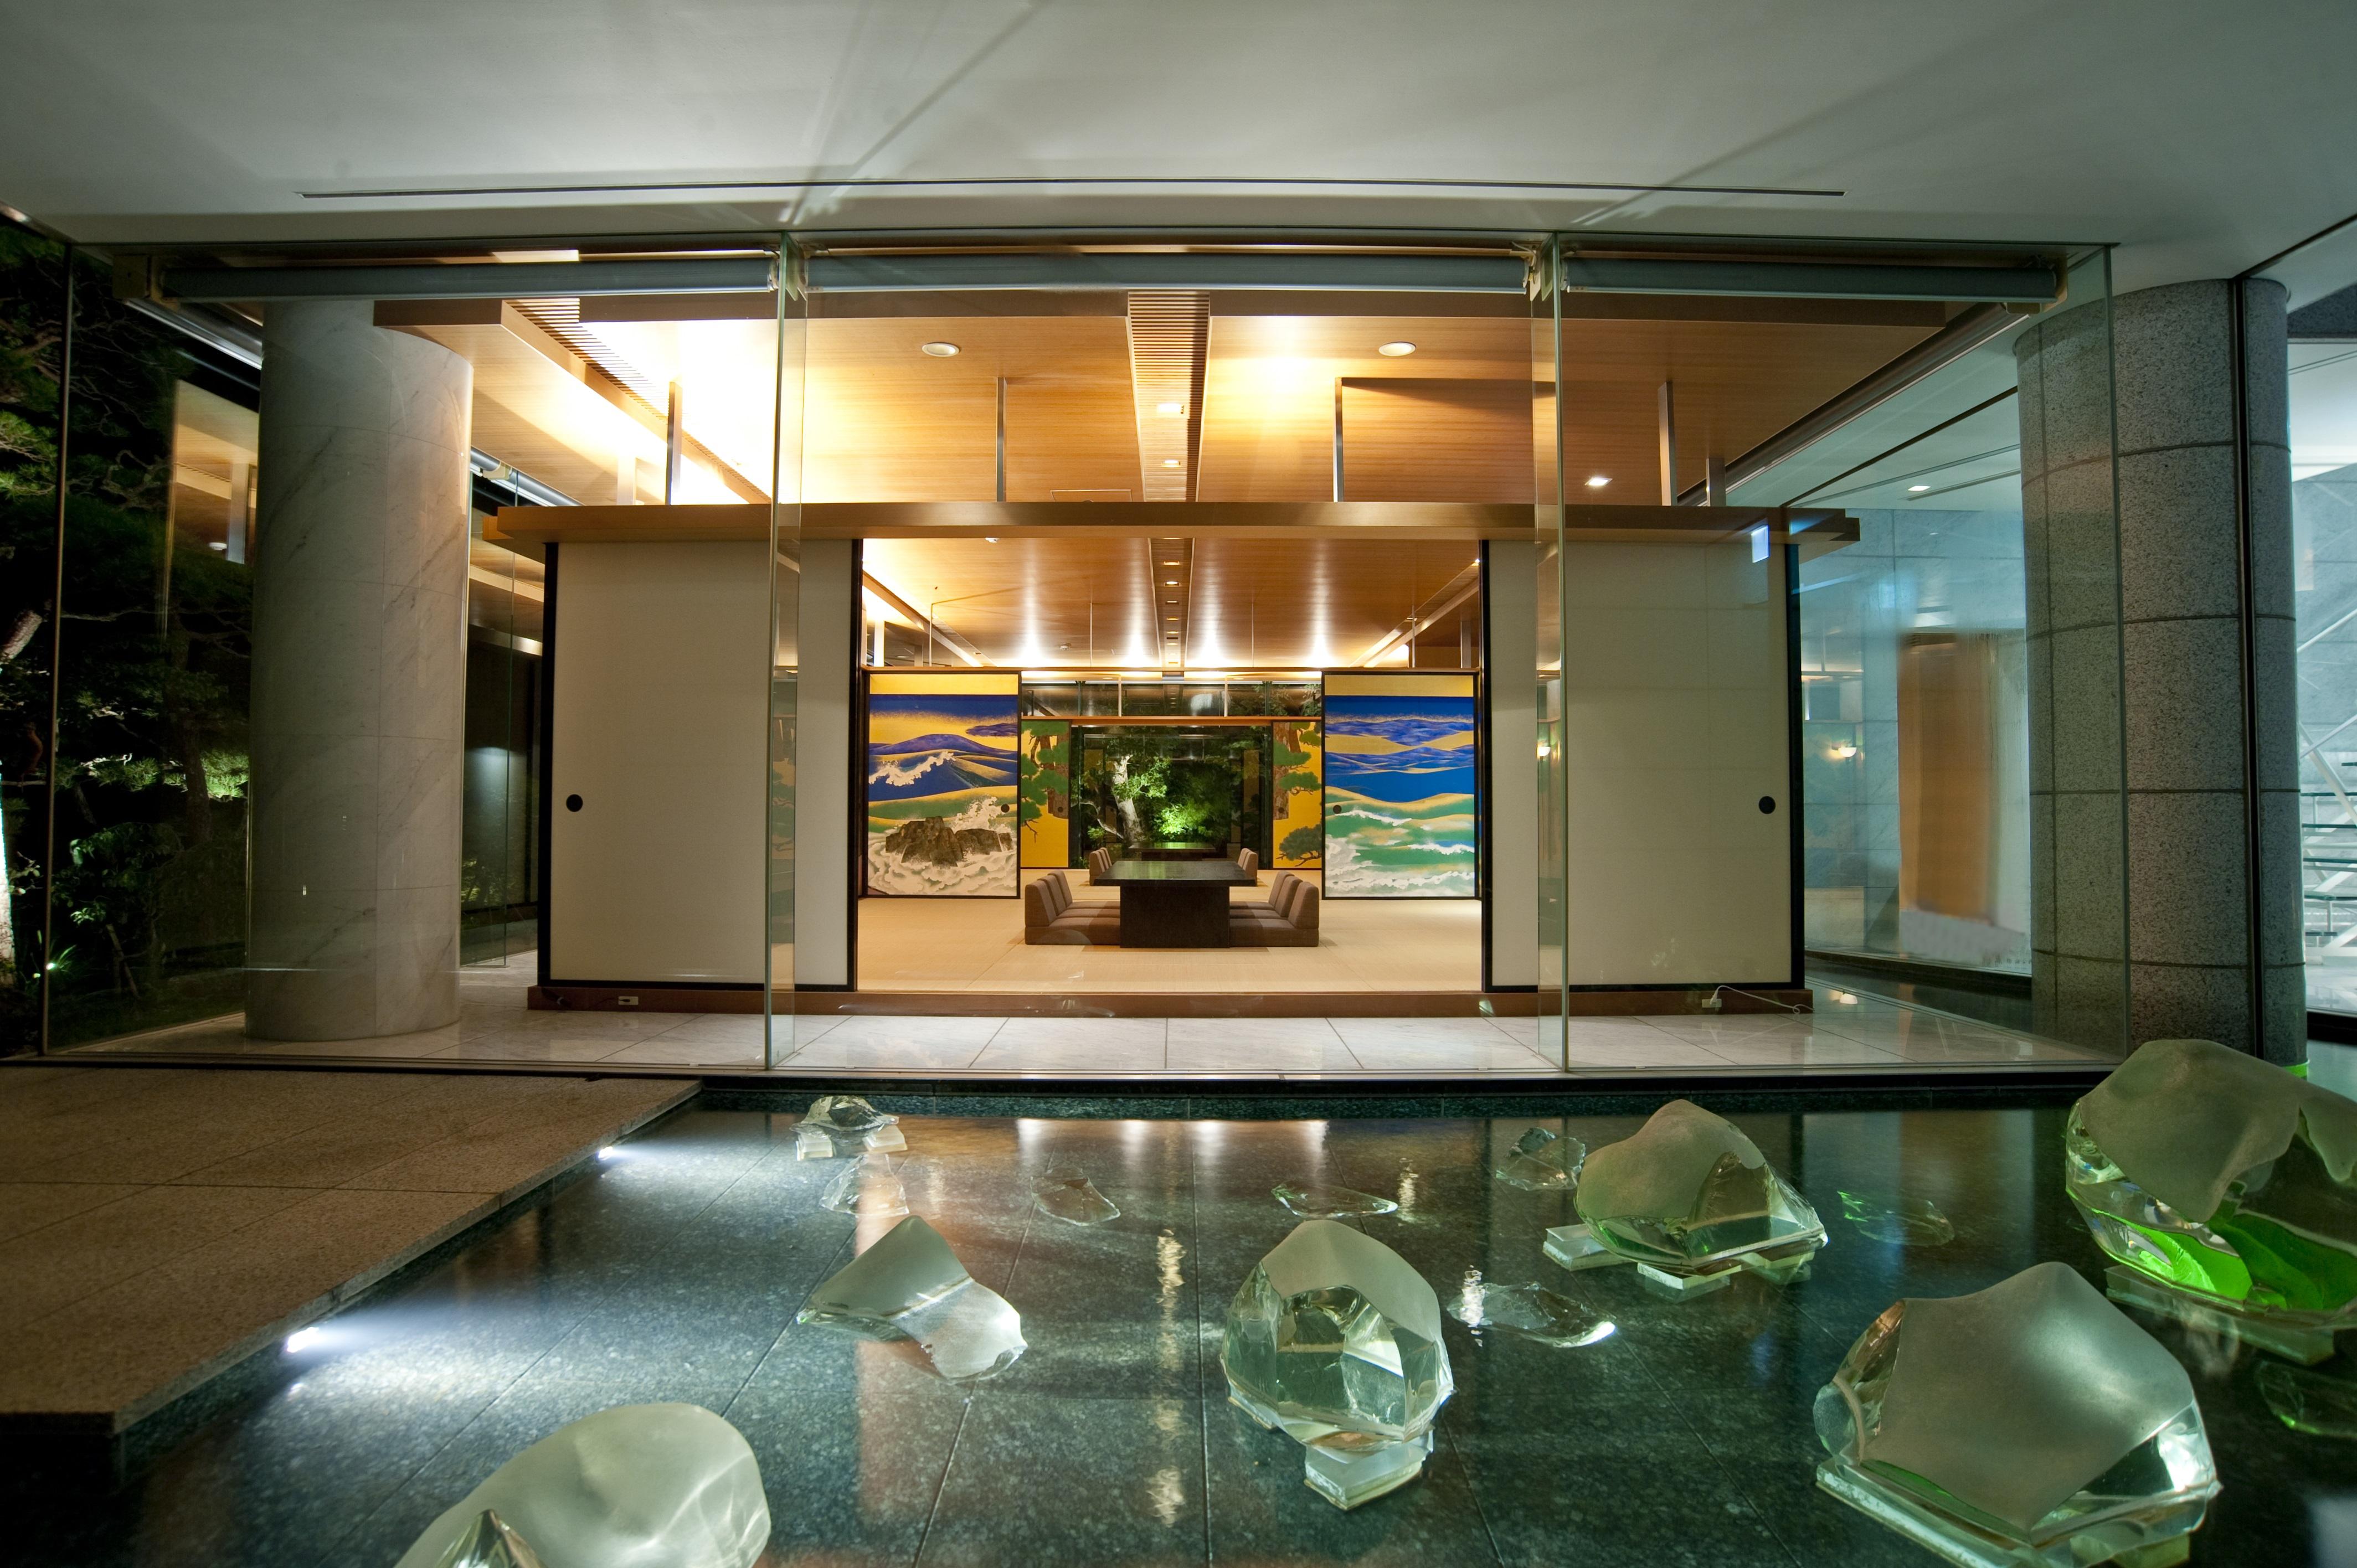 海峯楼でリフレッシュ!豪華な客室や貸切温泉のあるホテルをご紹介!